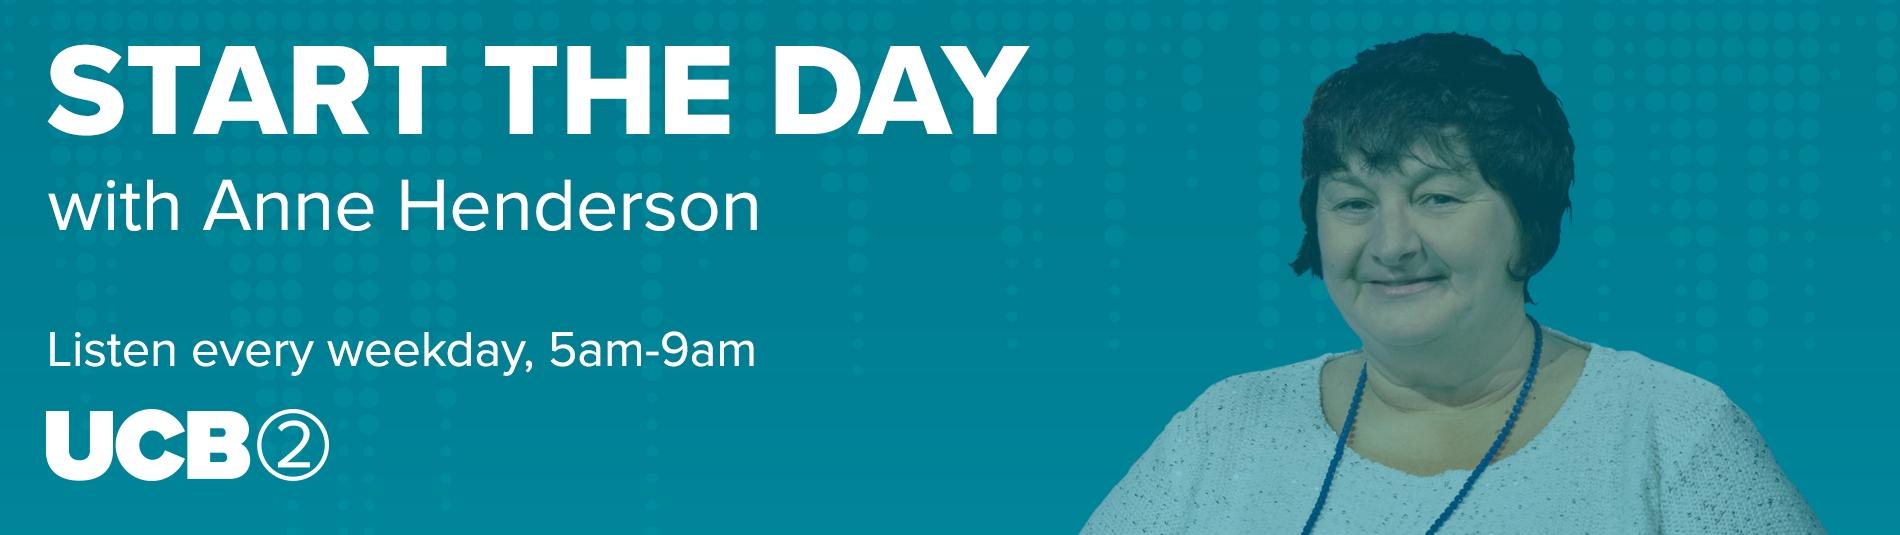 Start the Day with Anne Henderson, weekdays 5am-9am